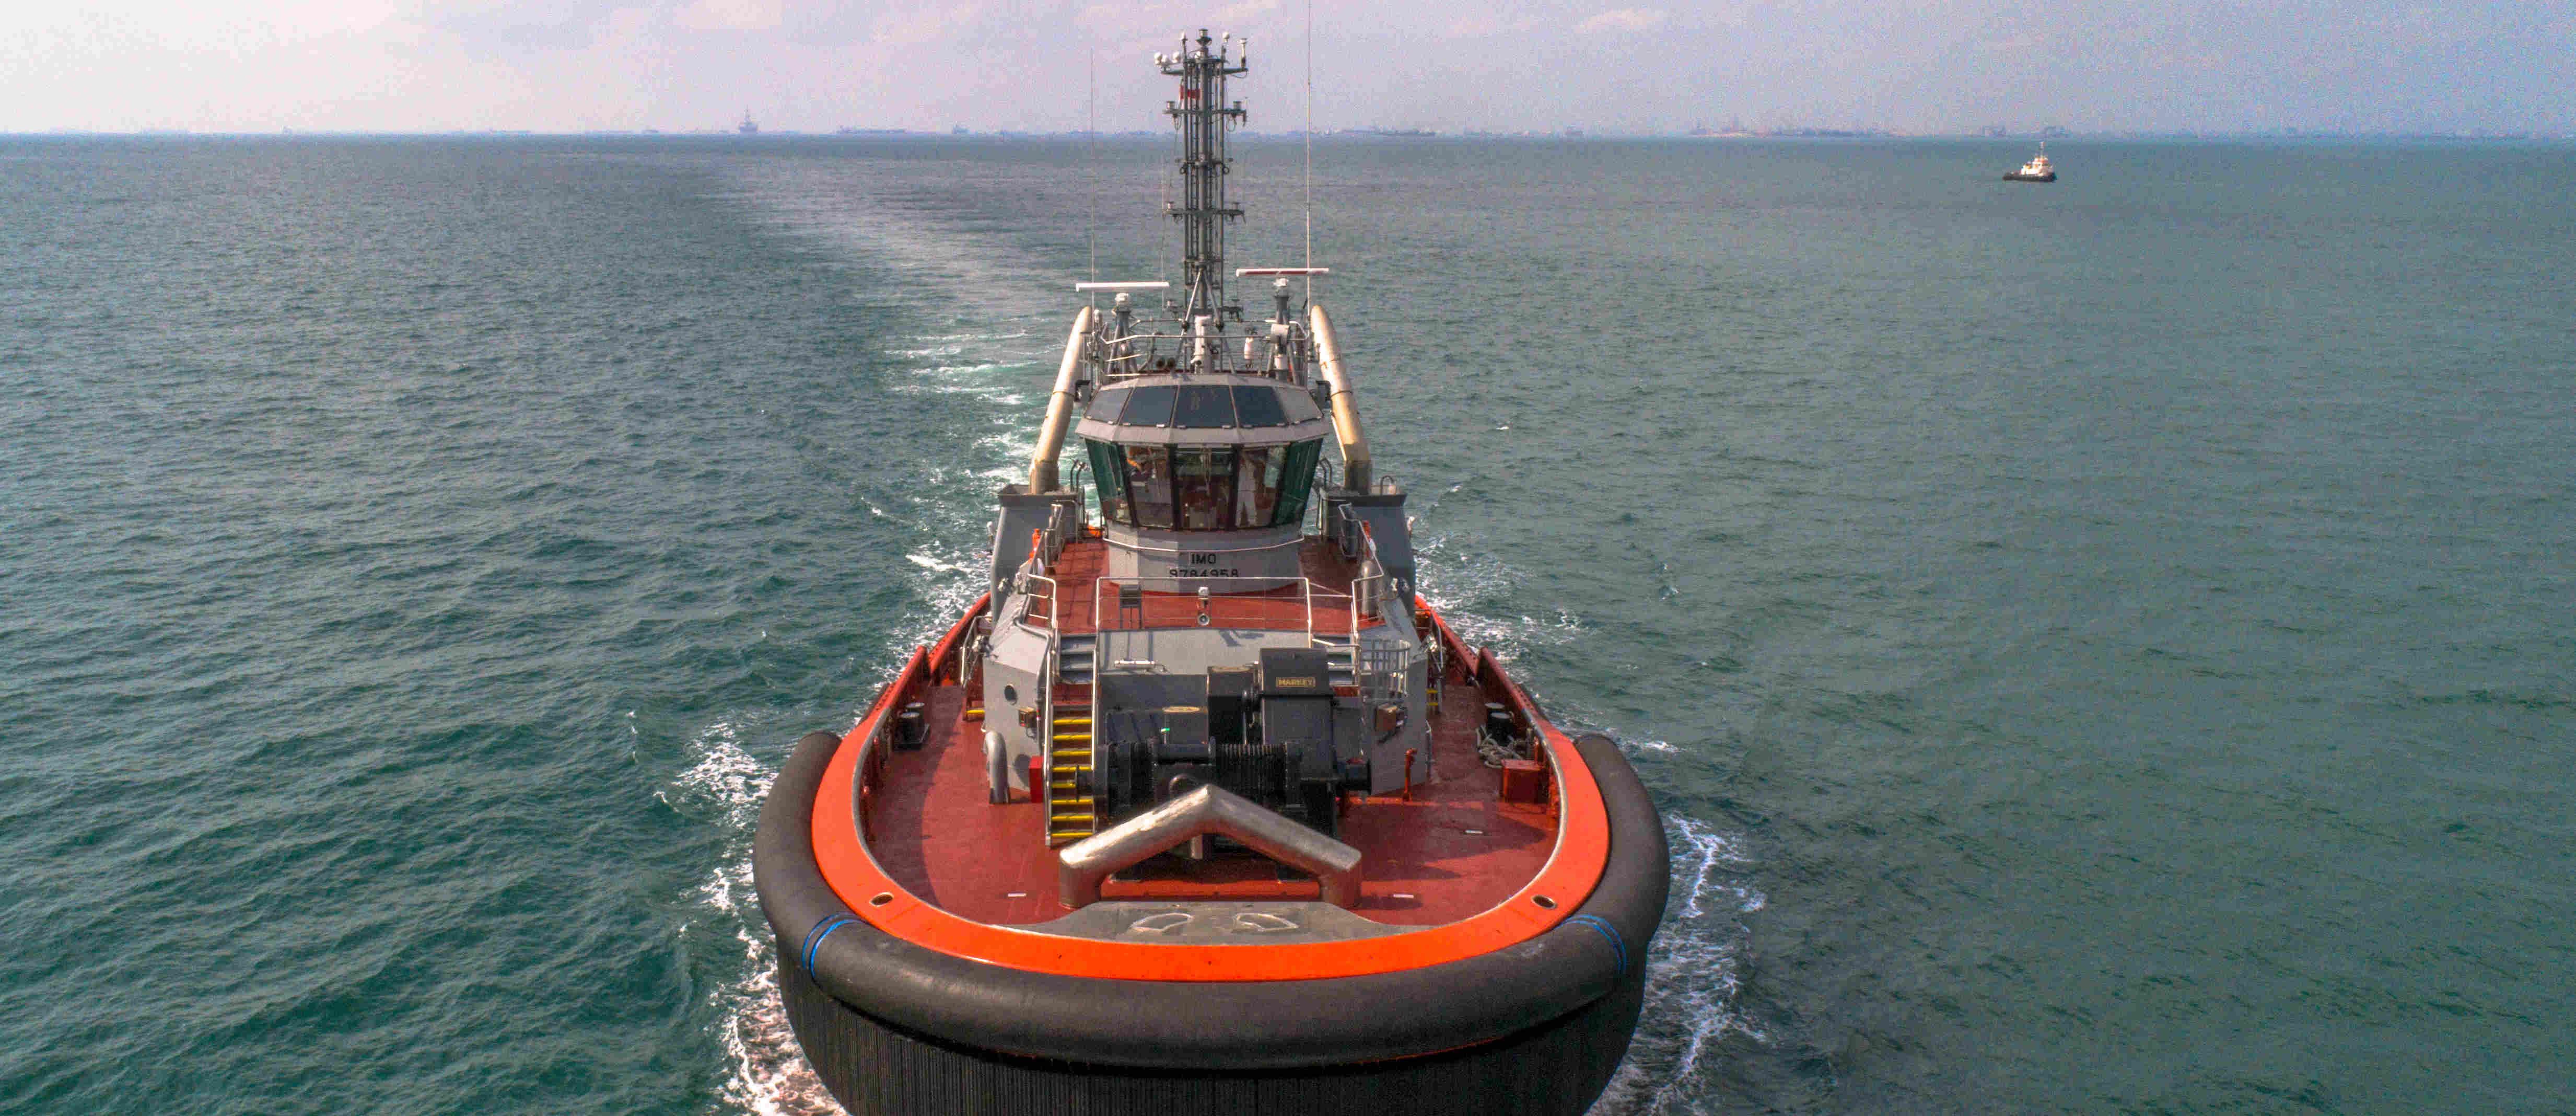 ASL Marine Holdings Ltd